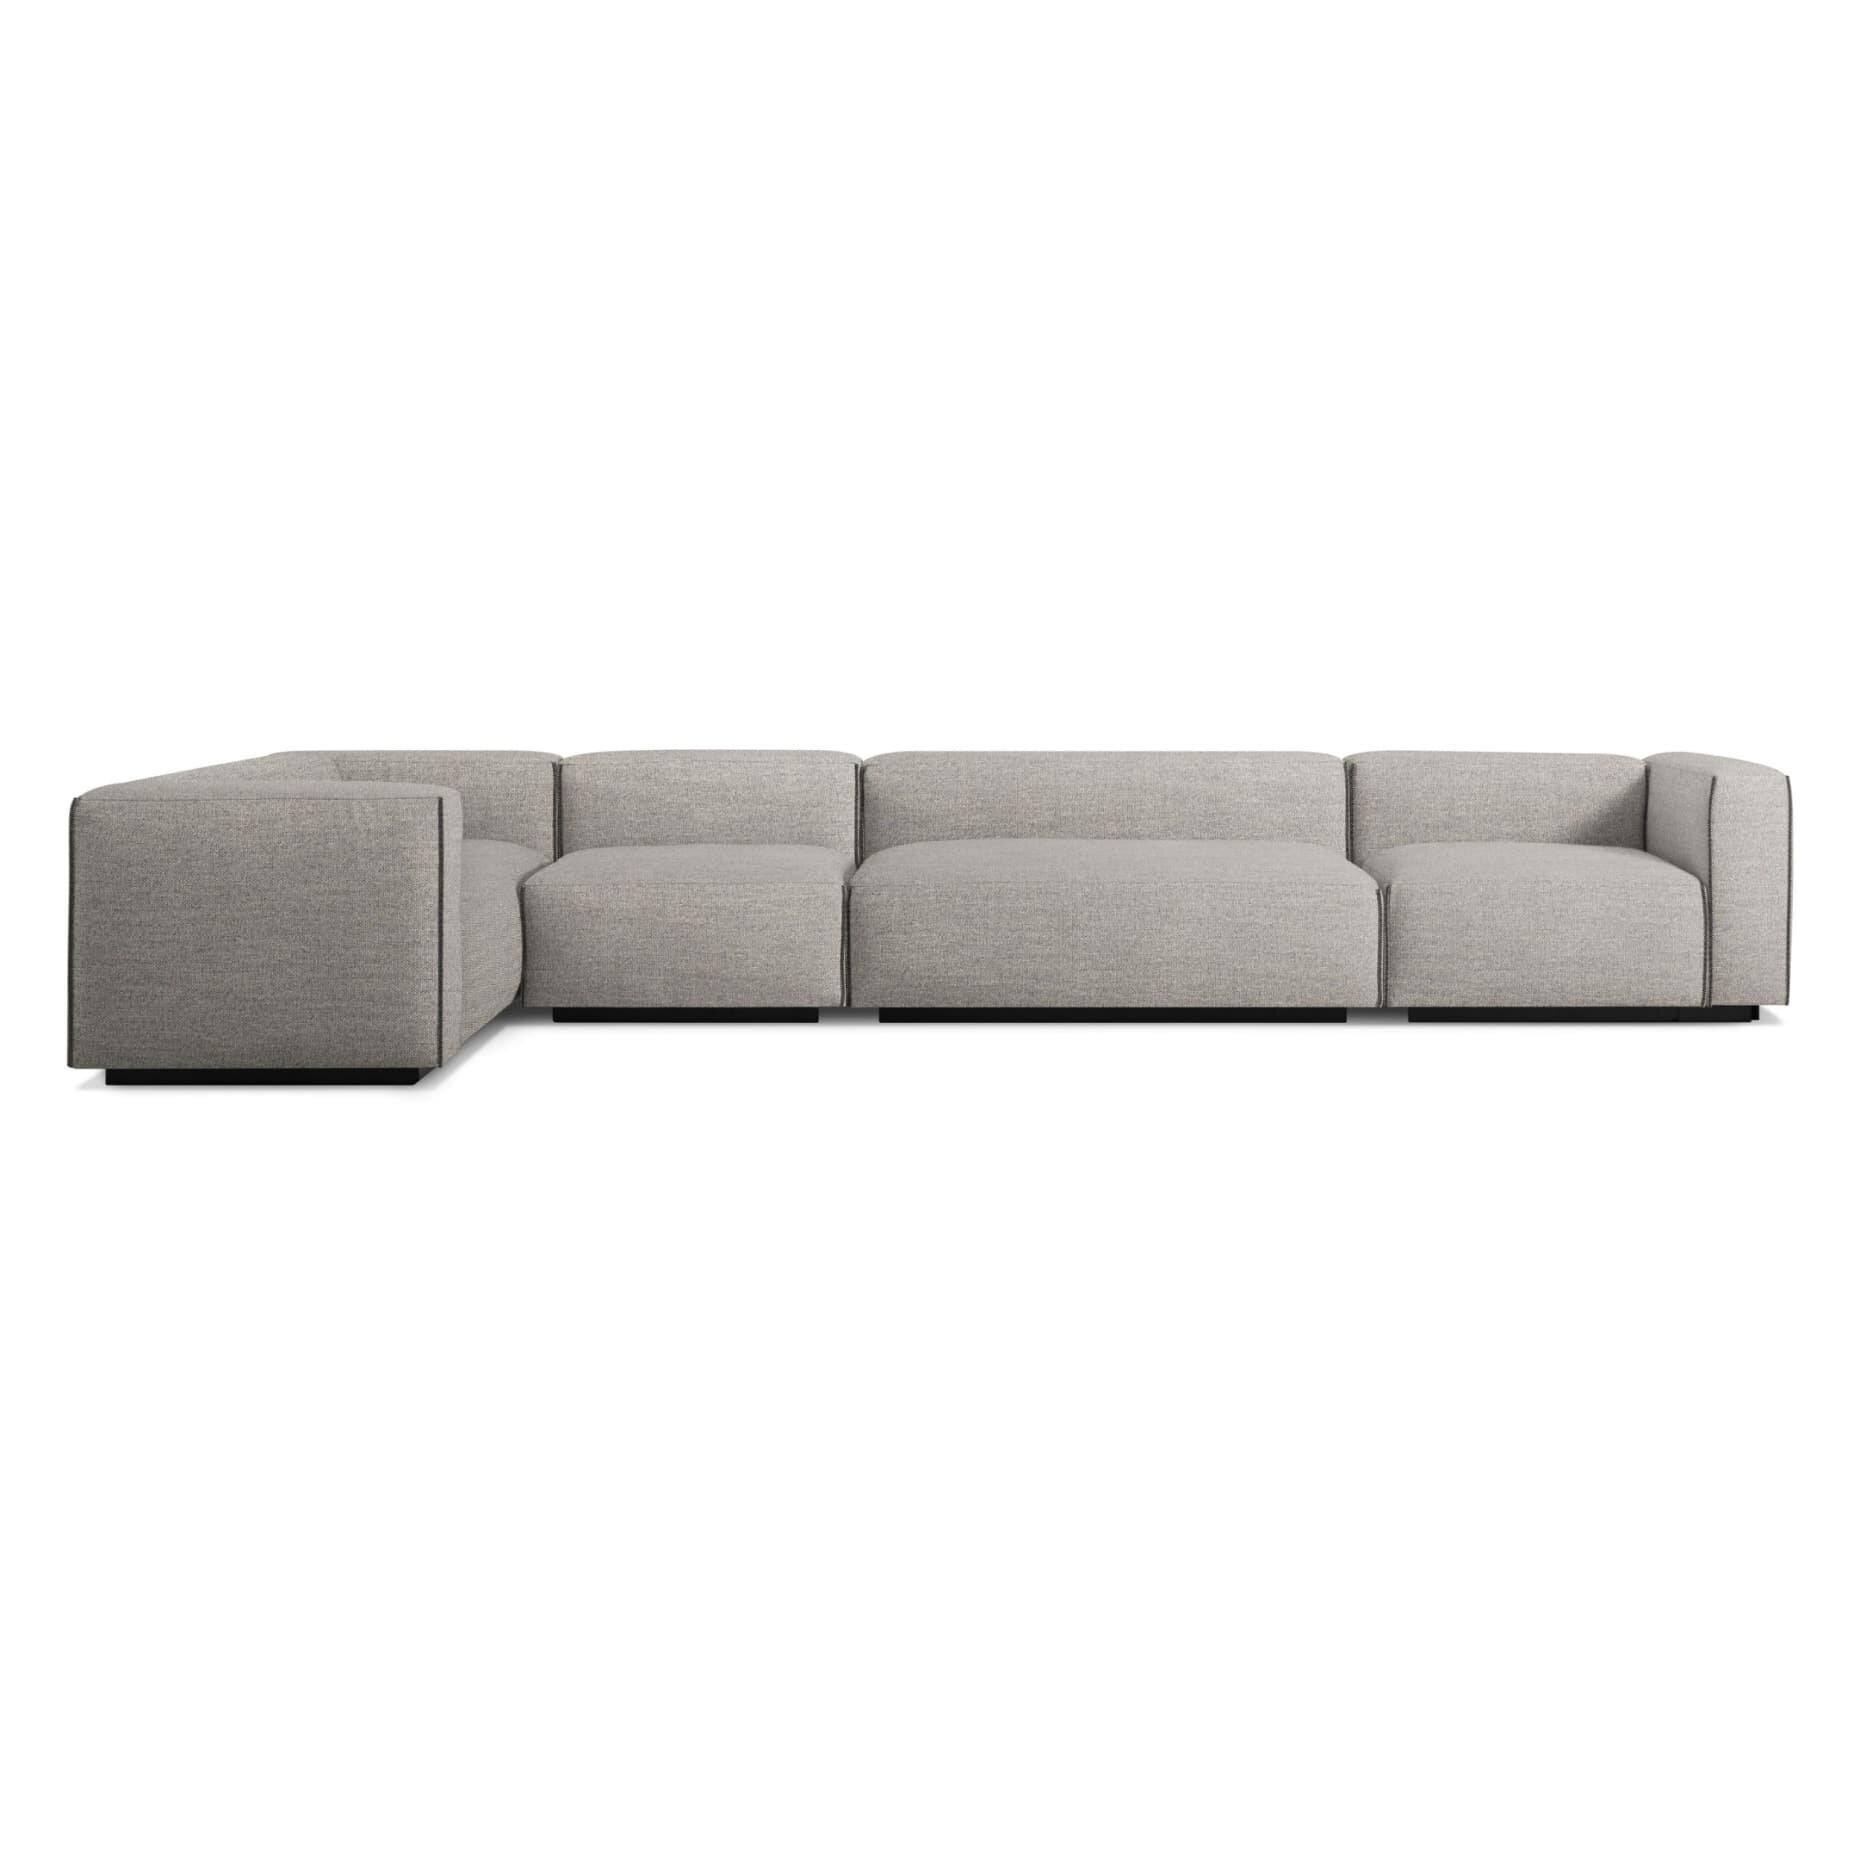 Blu Dot Cleon Large Modular Sectional Sofa Wayfair